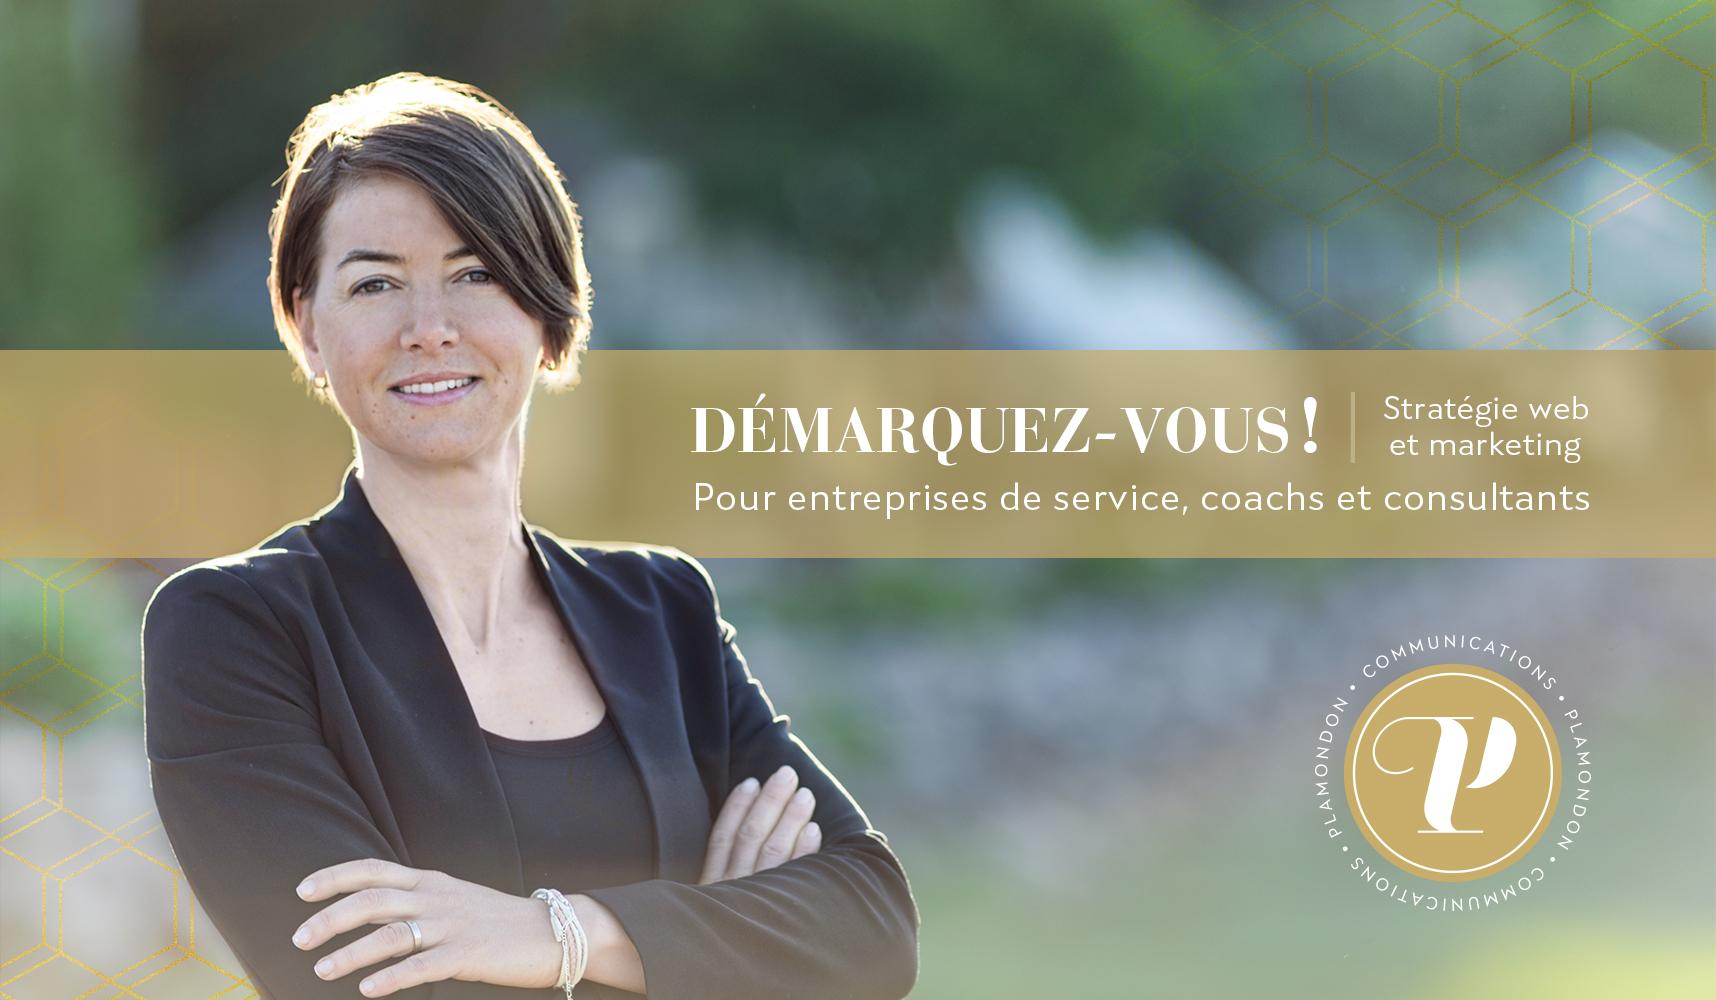 Démarquez-vous! Stratégie web et marketing pour entreprises de service, coachs et consultants.